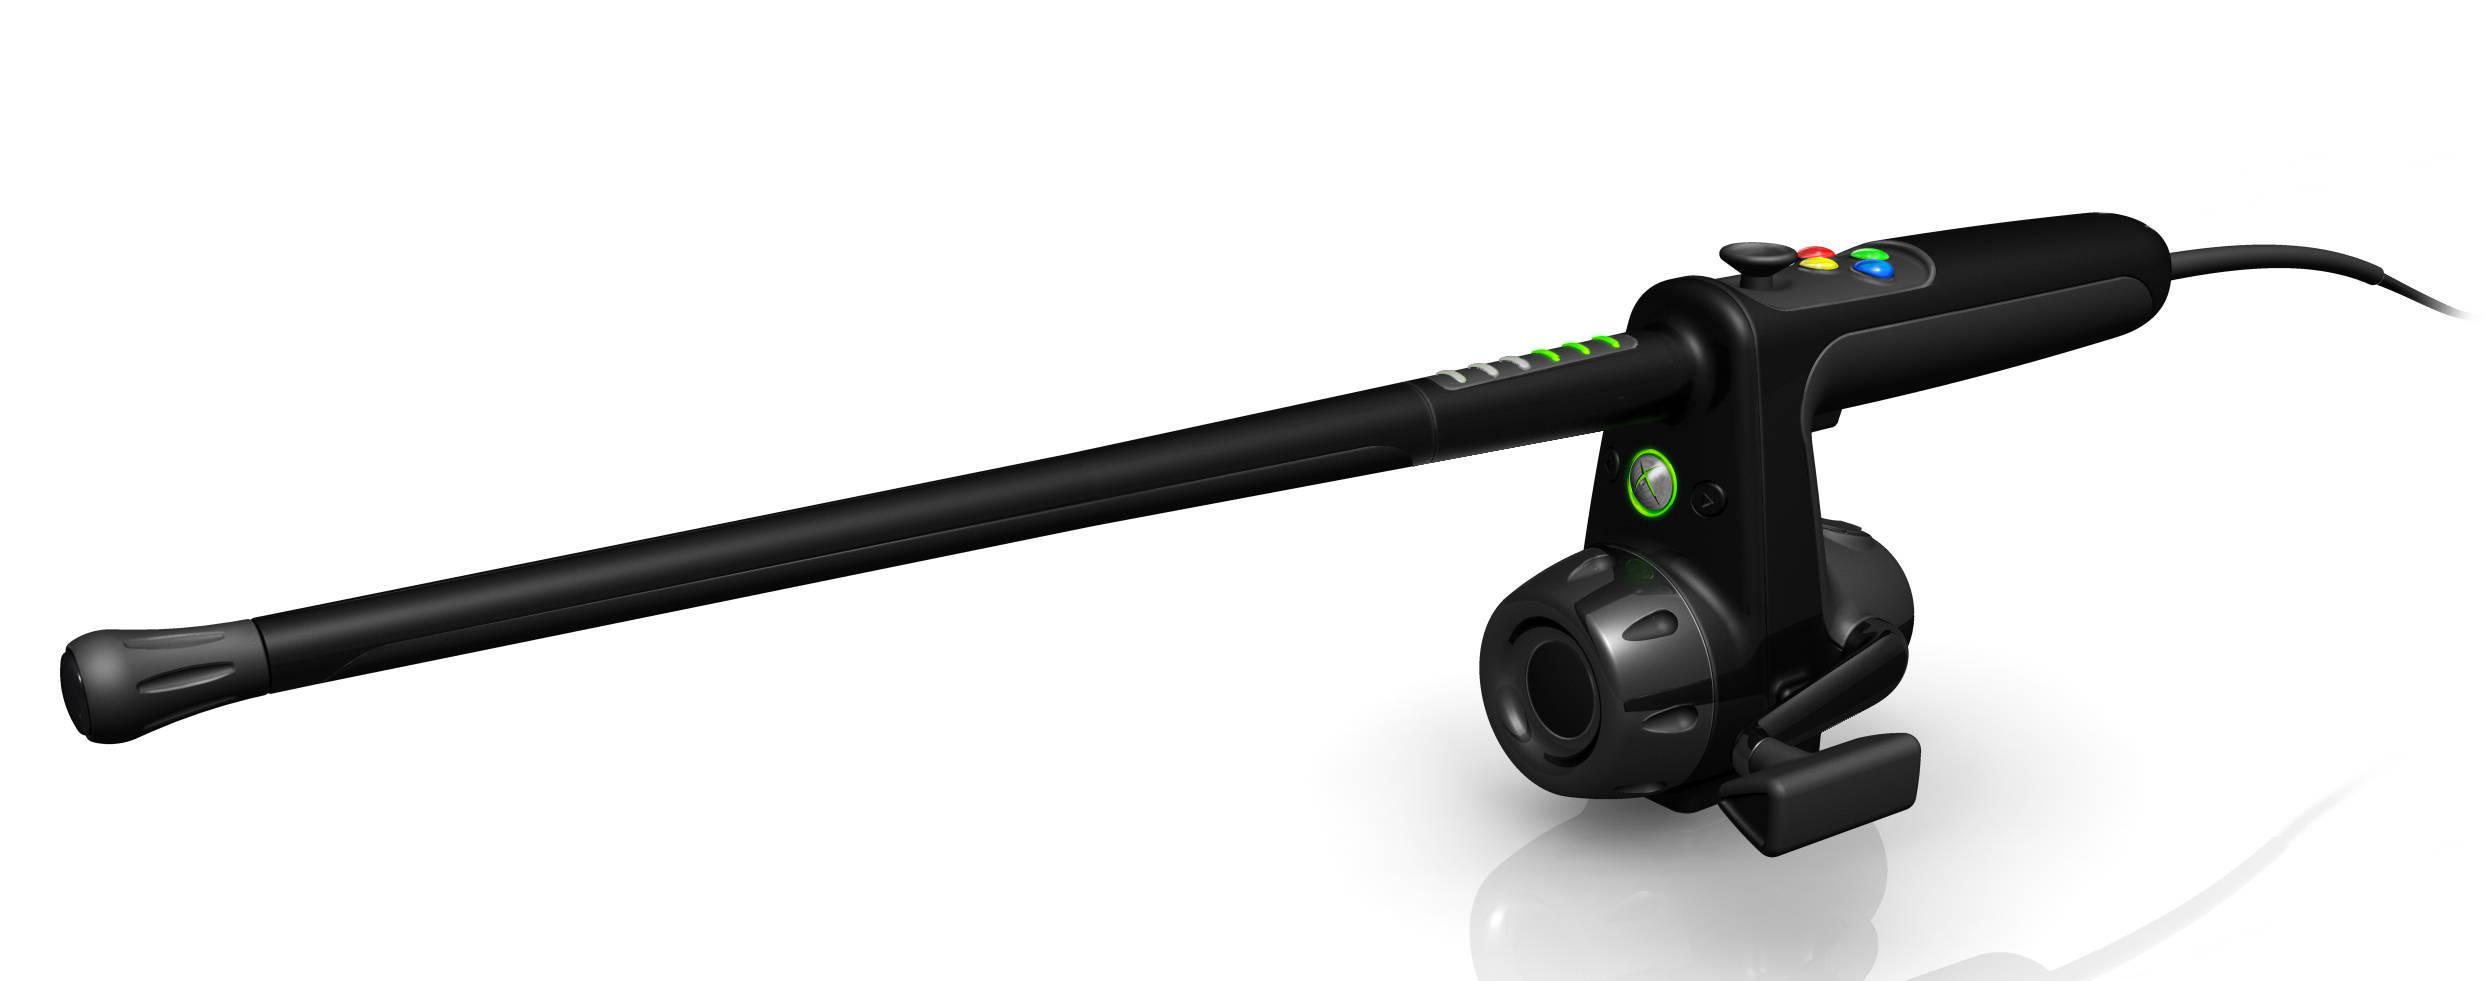 Wireless Rod & Reel Controller